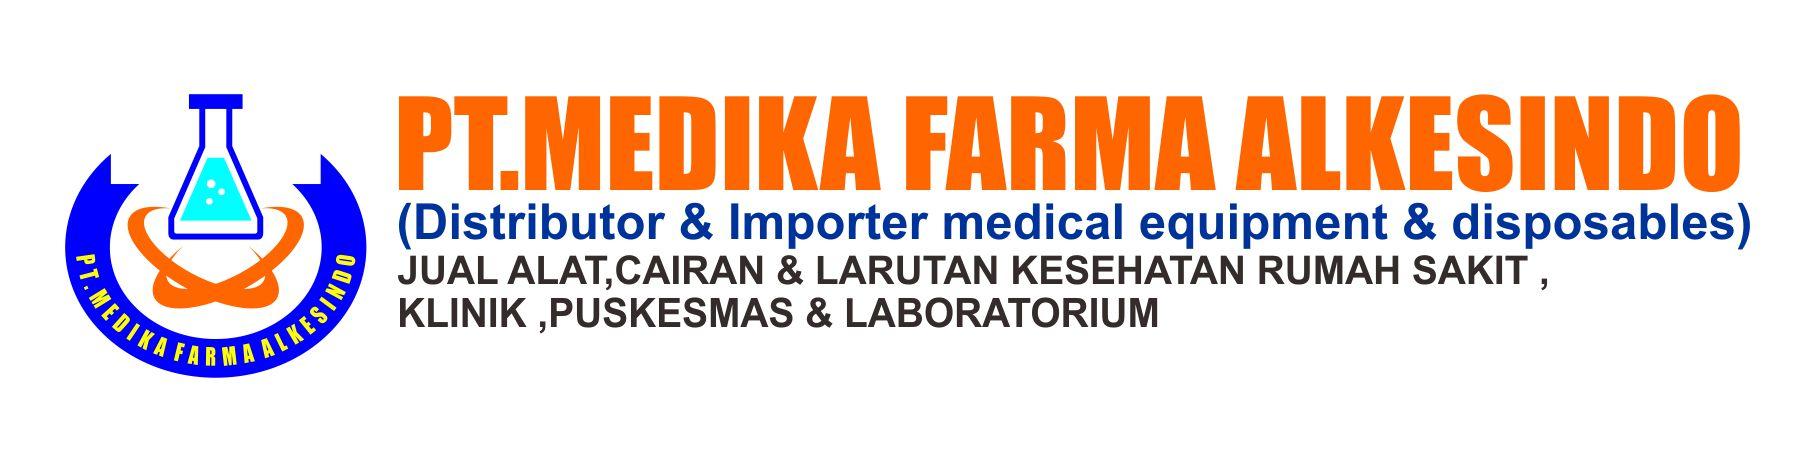 PT.Medika Farma Alkesindo